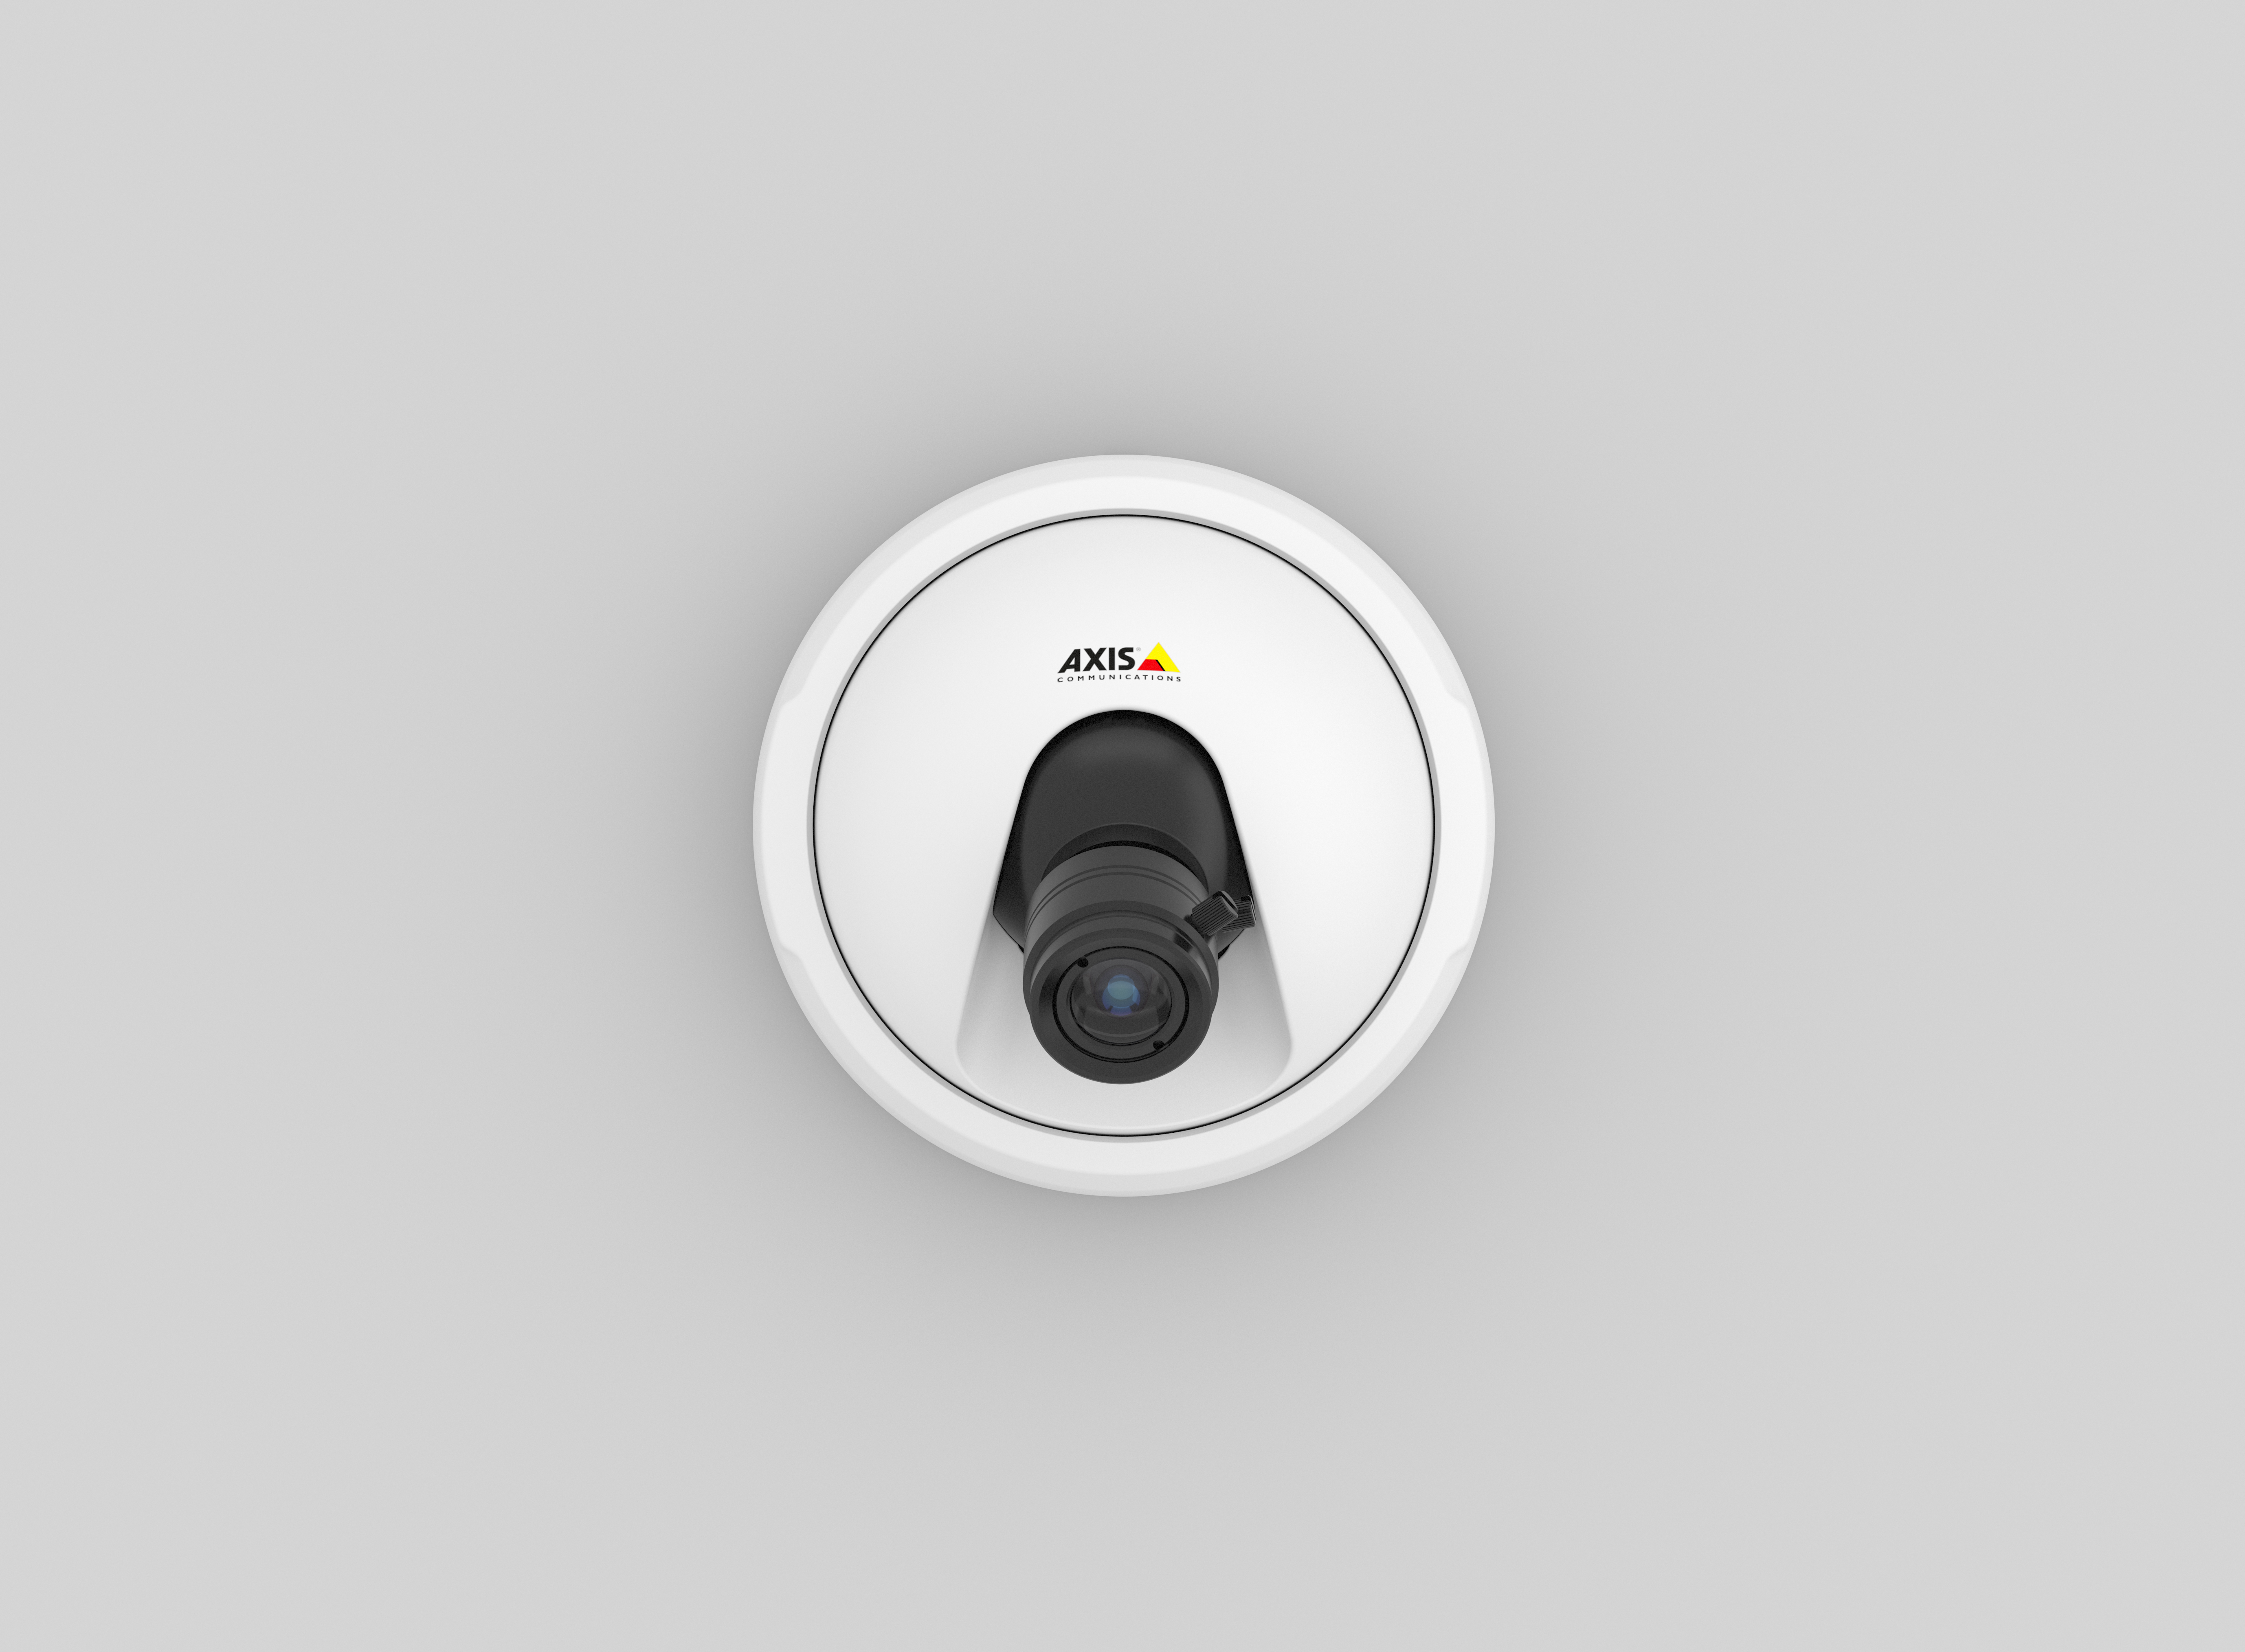 AXIS FA4115 Sensor Unit